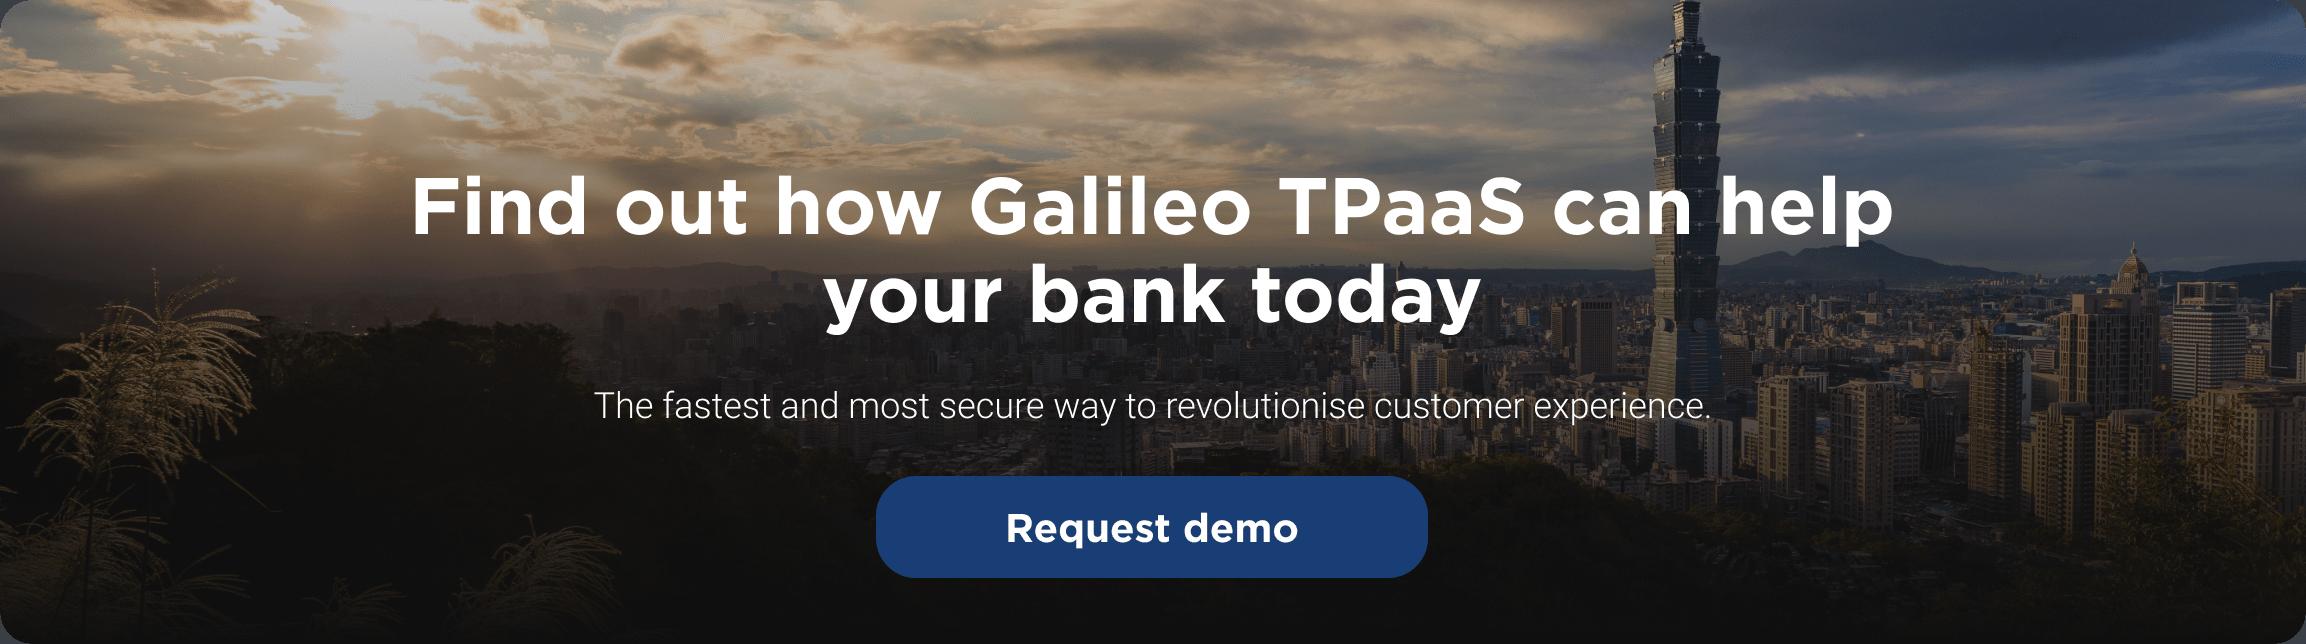 galileo-tpaas-banks-demo